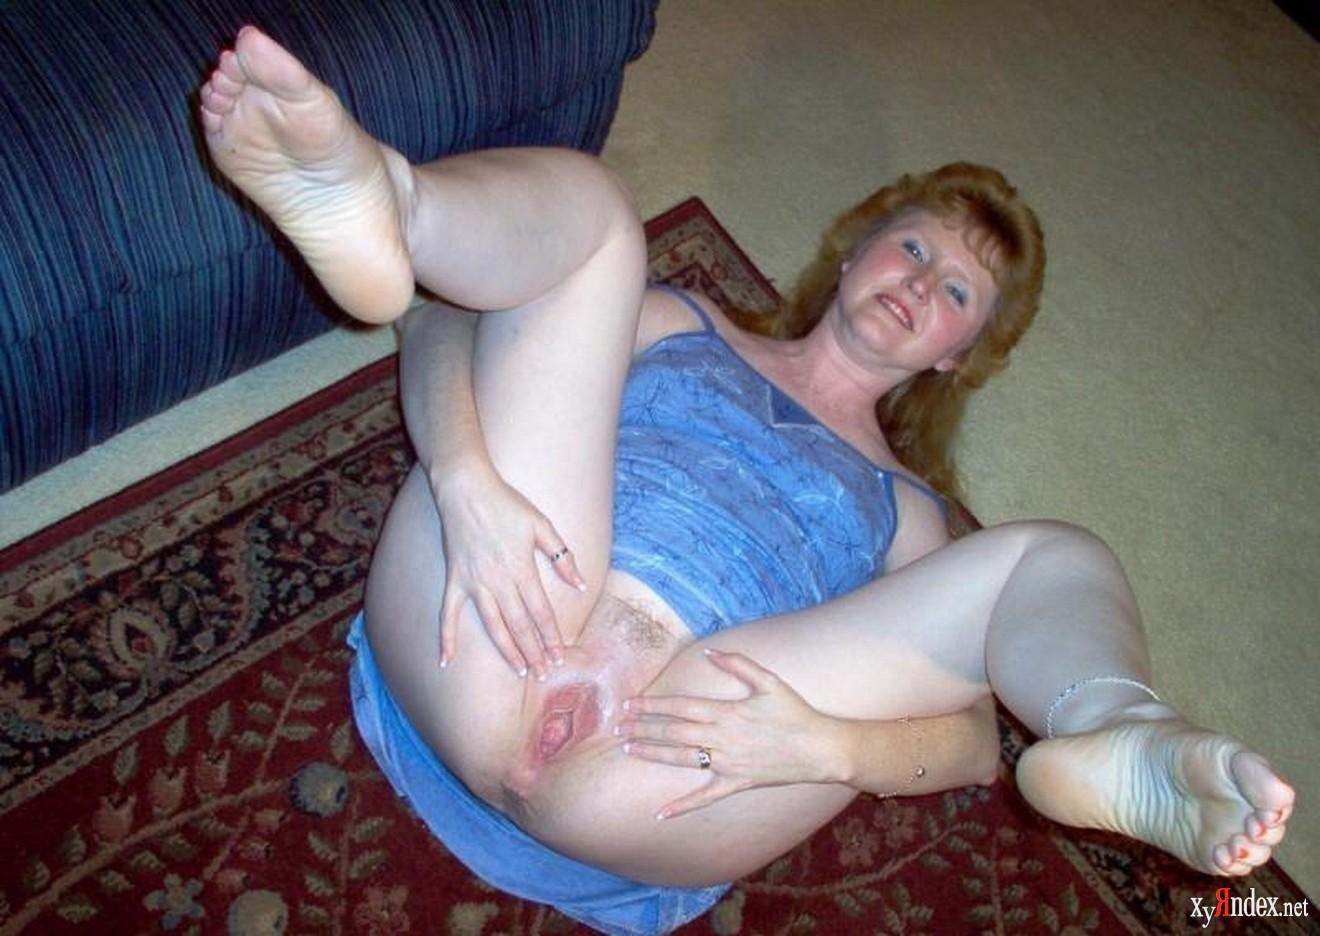 Э мамка раздвинула ноги в панталонах 3 фотография